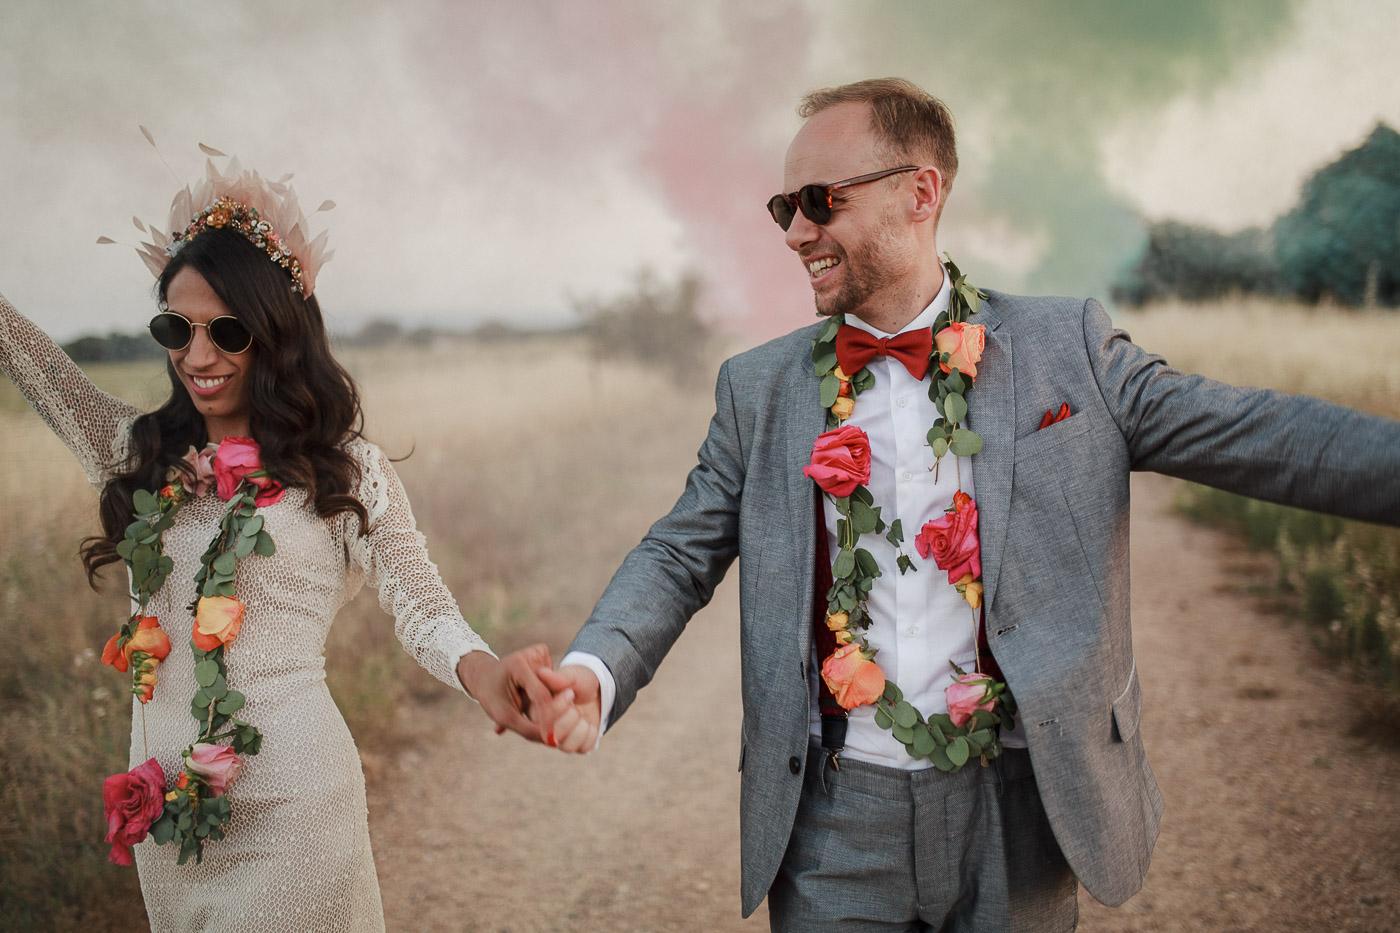 boda diferente, sarao, fenix visual, la puta suegra, las catalinas, boda hindú